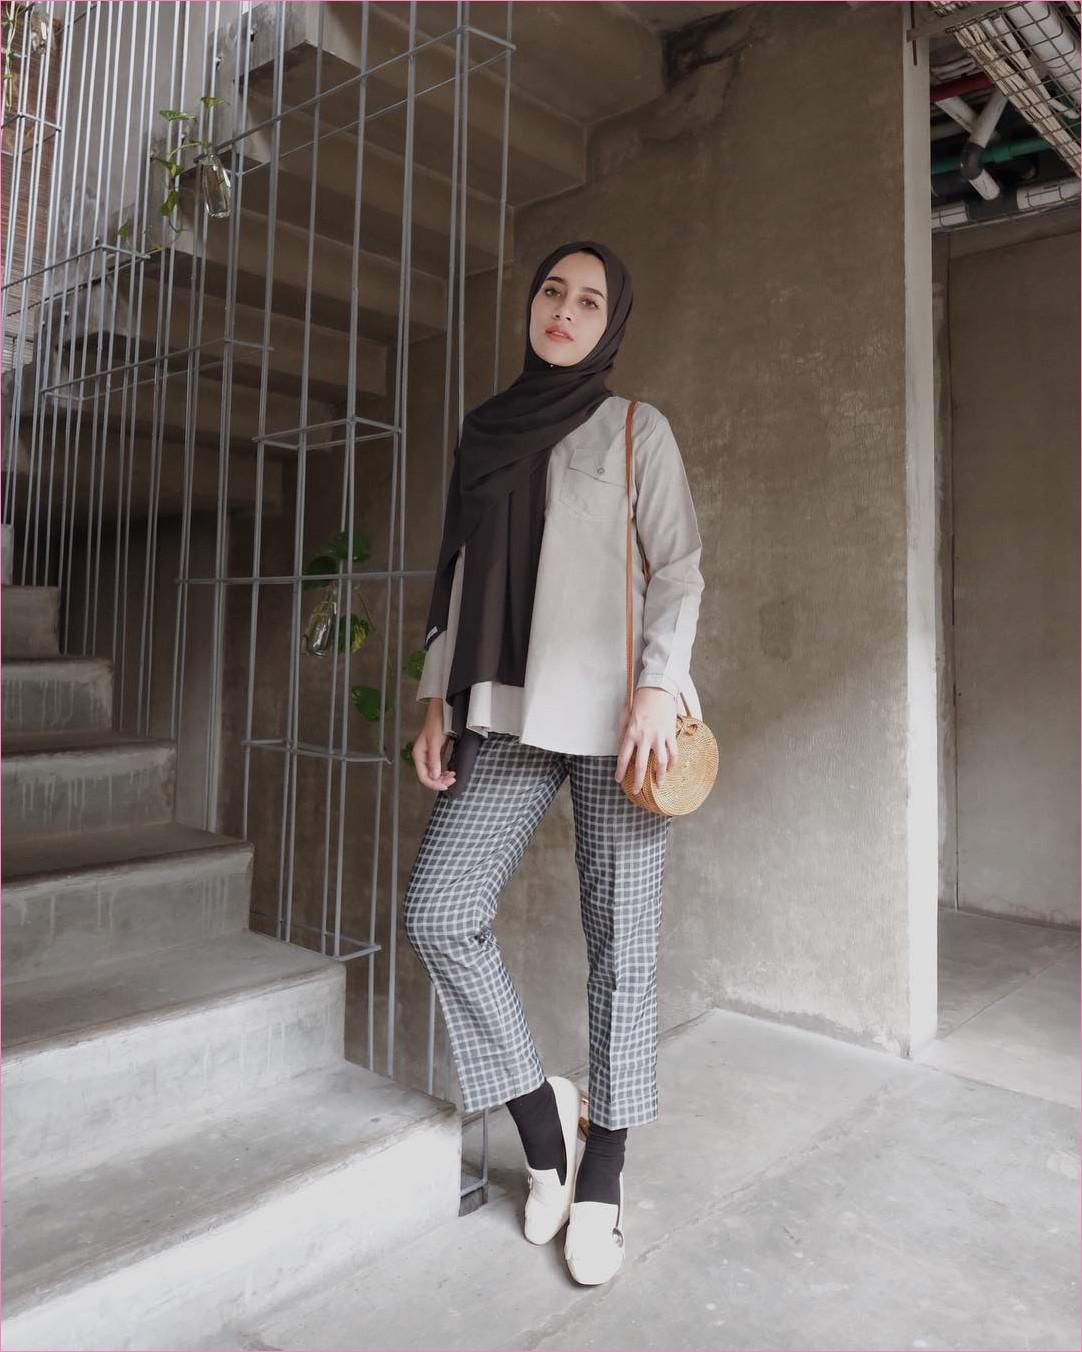 Outfit Kerudung Pashmina Ala Selebgram 2018 hijab pashmina sifon coklat tua baju top blouse kemeja abu slingbags rotan coklat muda celana bahan kotak-kotak abu tua kaos kaki hitam flatshoes putih ootd trendy kekinian